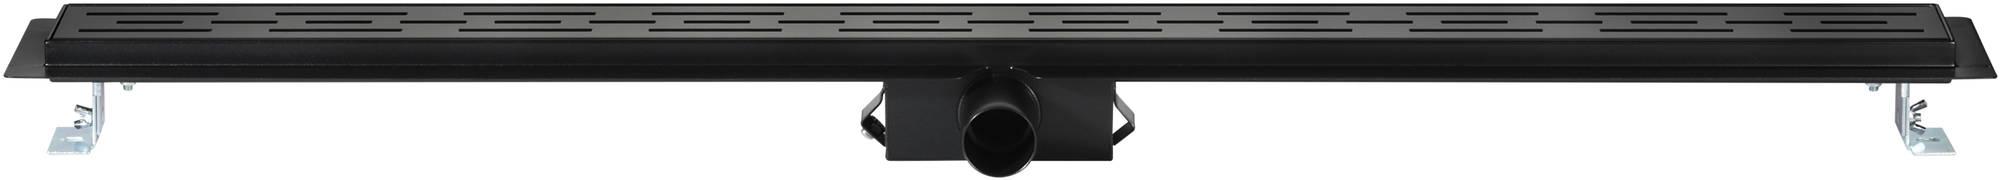 Saniselect Douchegoot met Flens, Sifon en Filter 100x7 cm Zwart